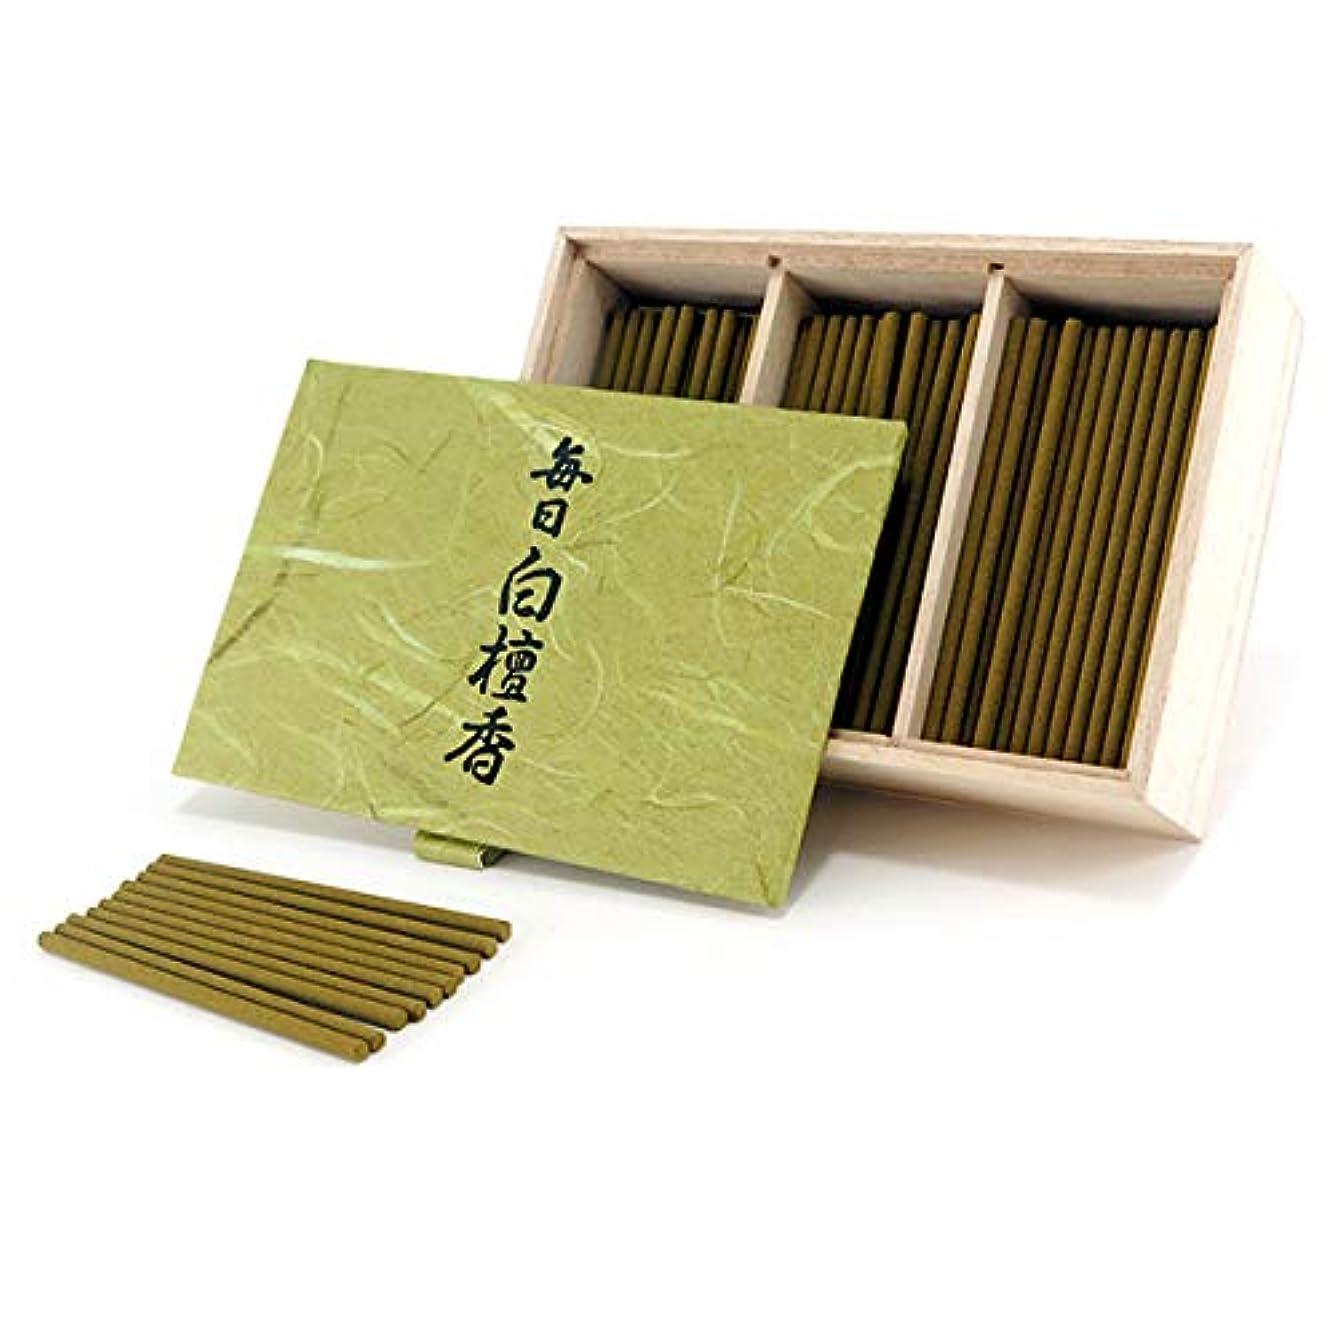 パイロット歩道バトル日本香堂のお香 毎日白檀香 スティックミニ寸お徳用150本入り